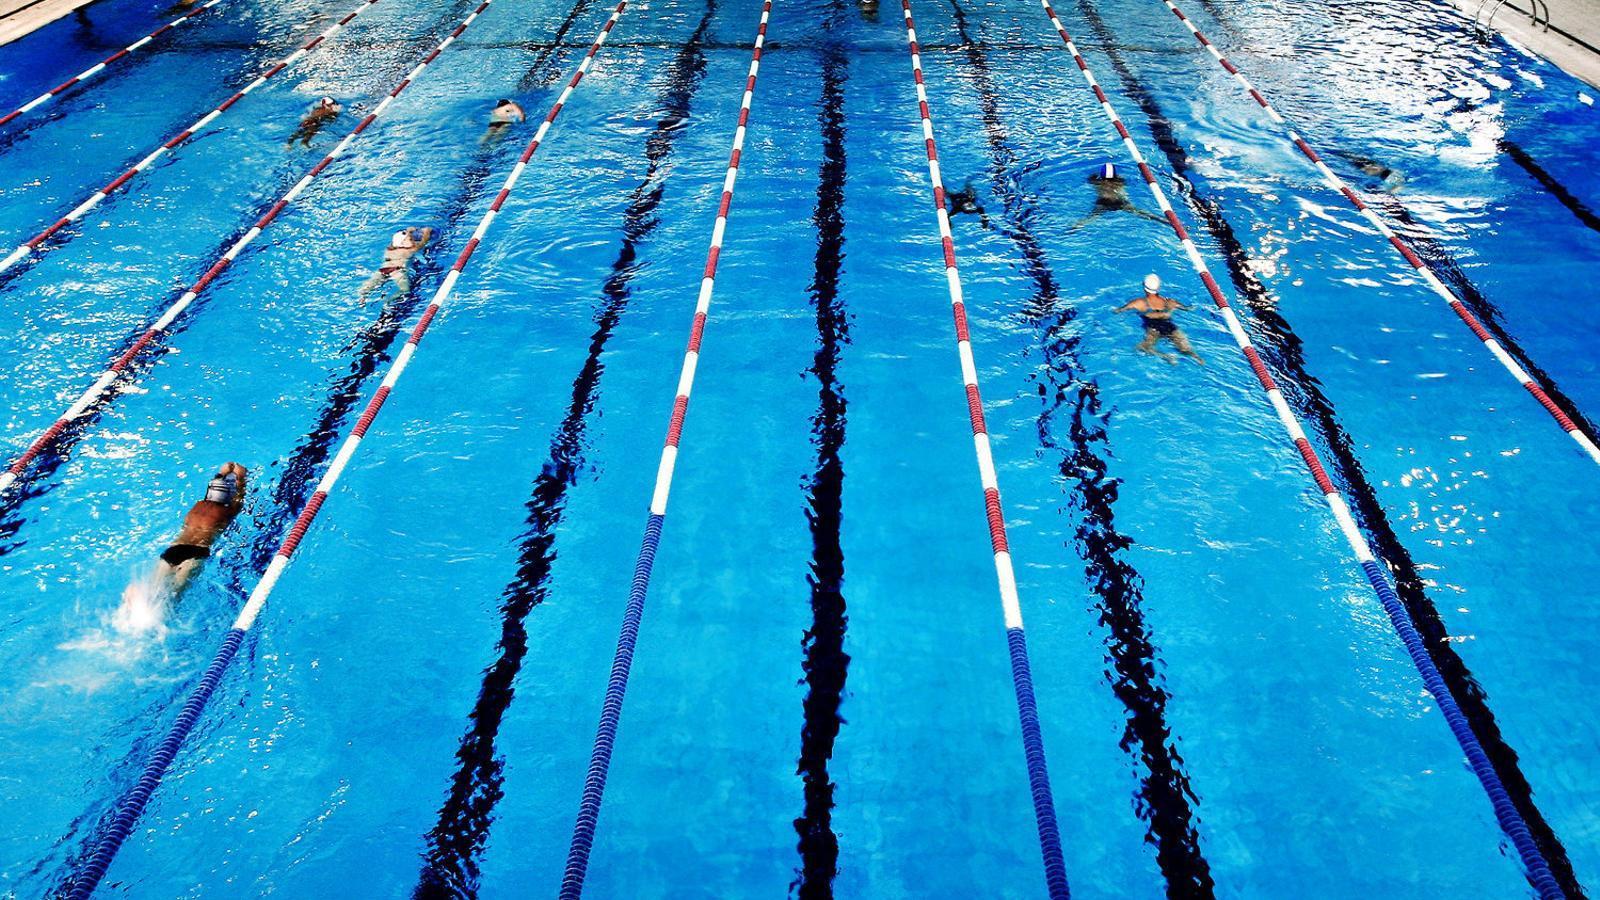 El món de la natació insta la federació a endurir les accions contra els abusos